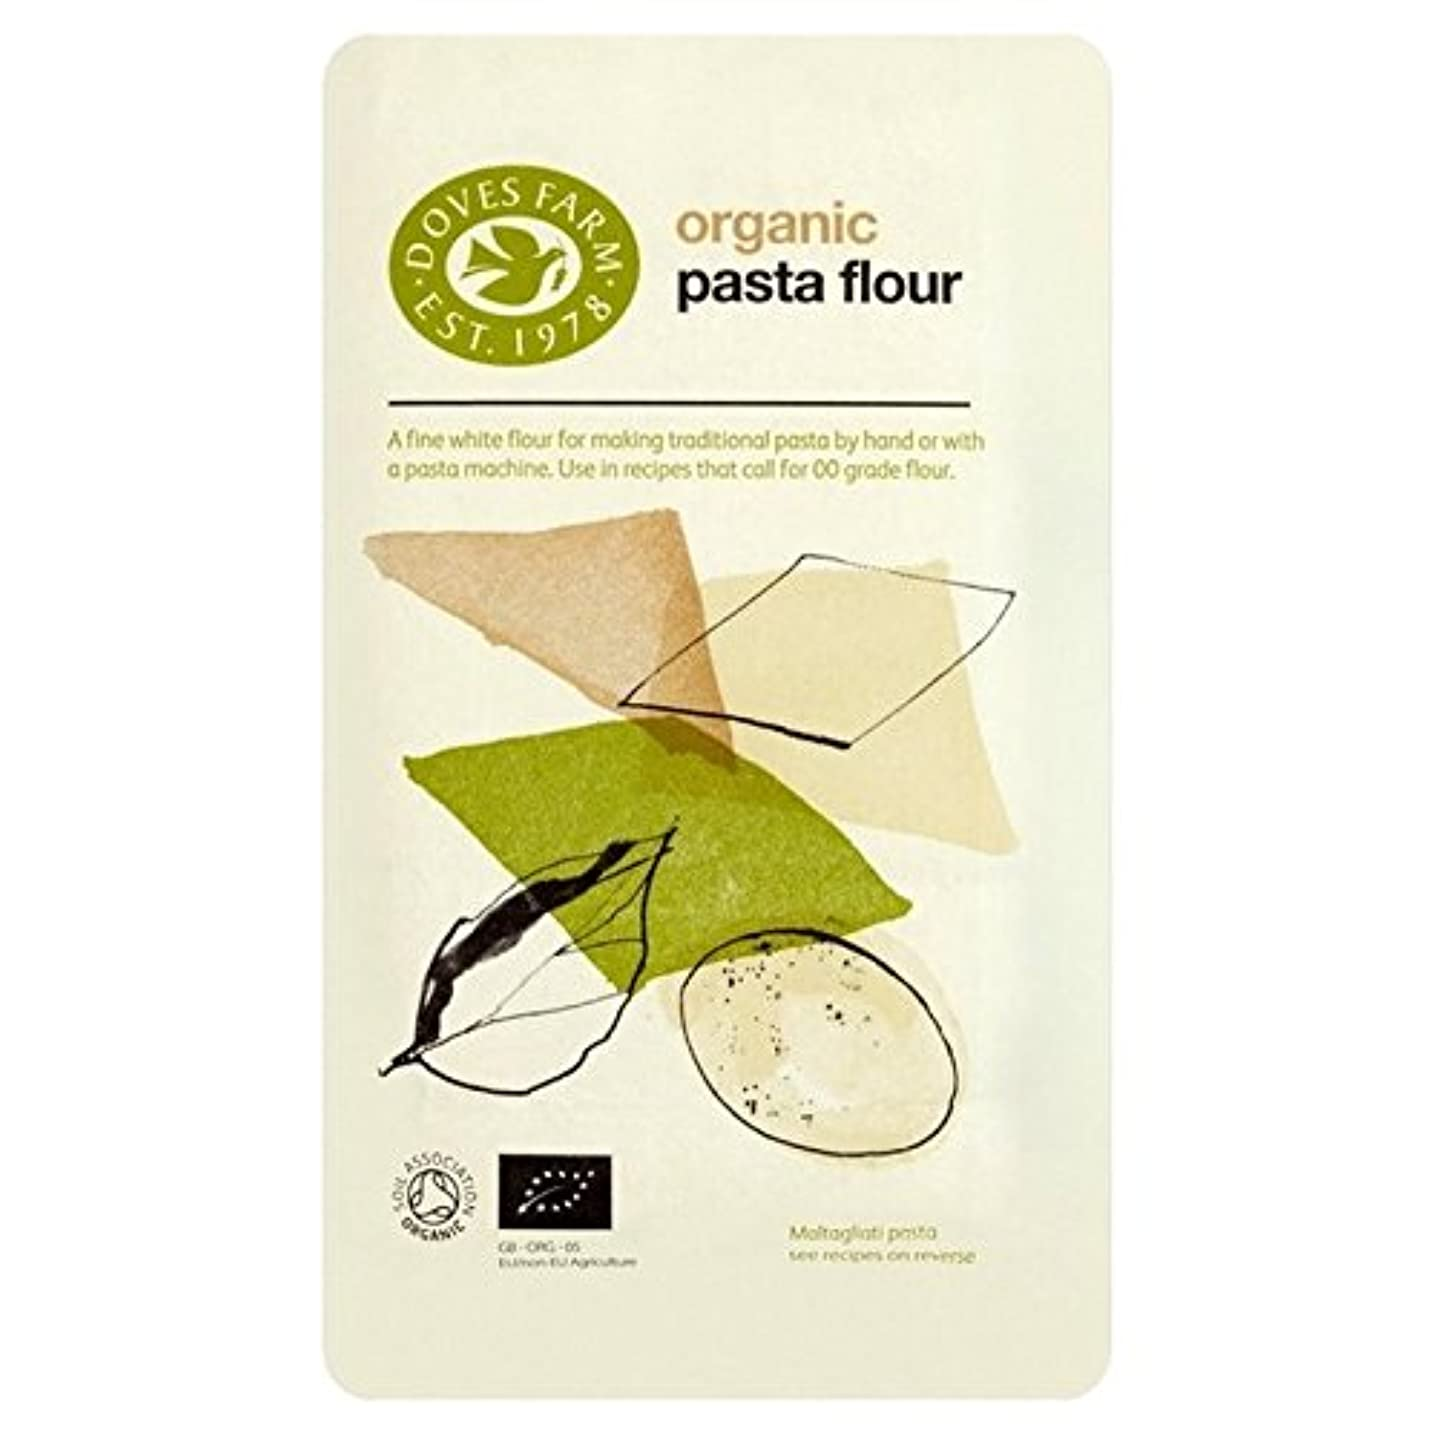 鋸歯状二チーム鳩ファームパスタ小麦粉1キロ (x 2) - Doves Farm Pasta Flour 1kg (Pack of 2) [並行輸入品]